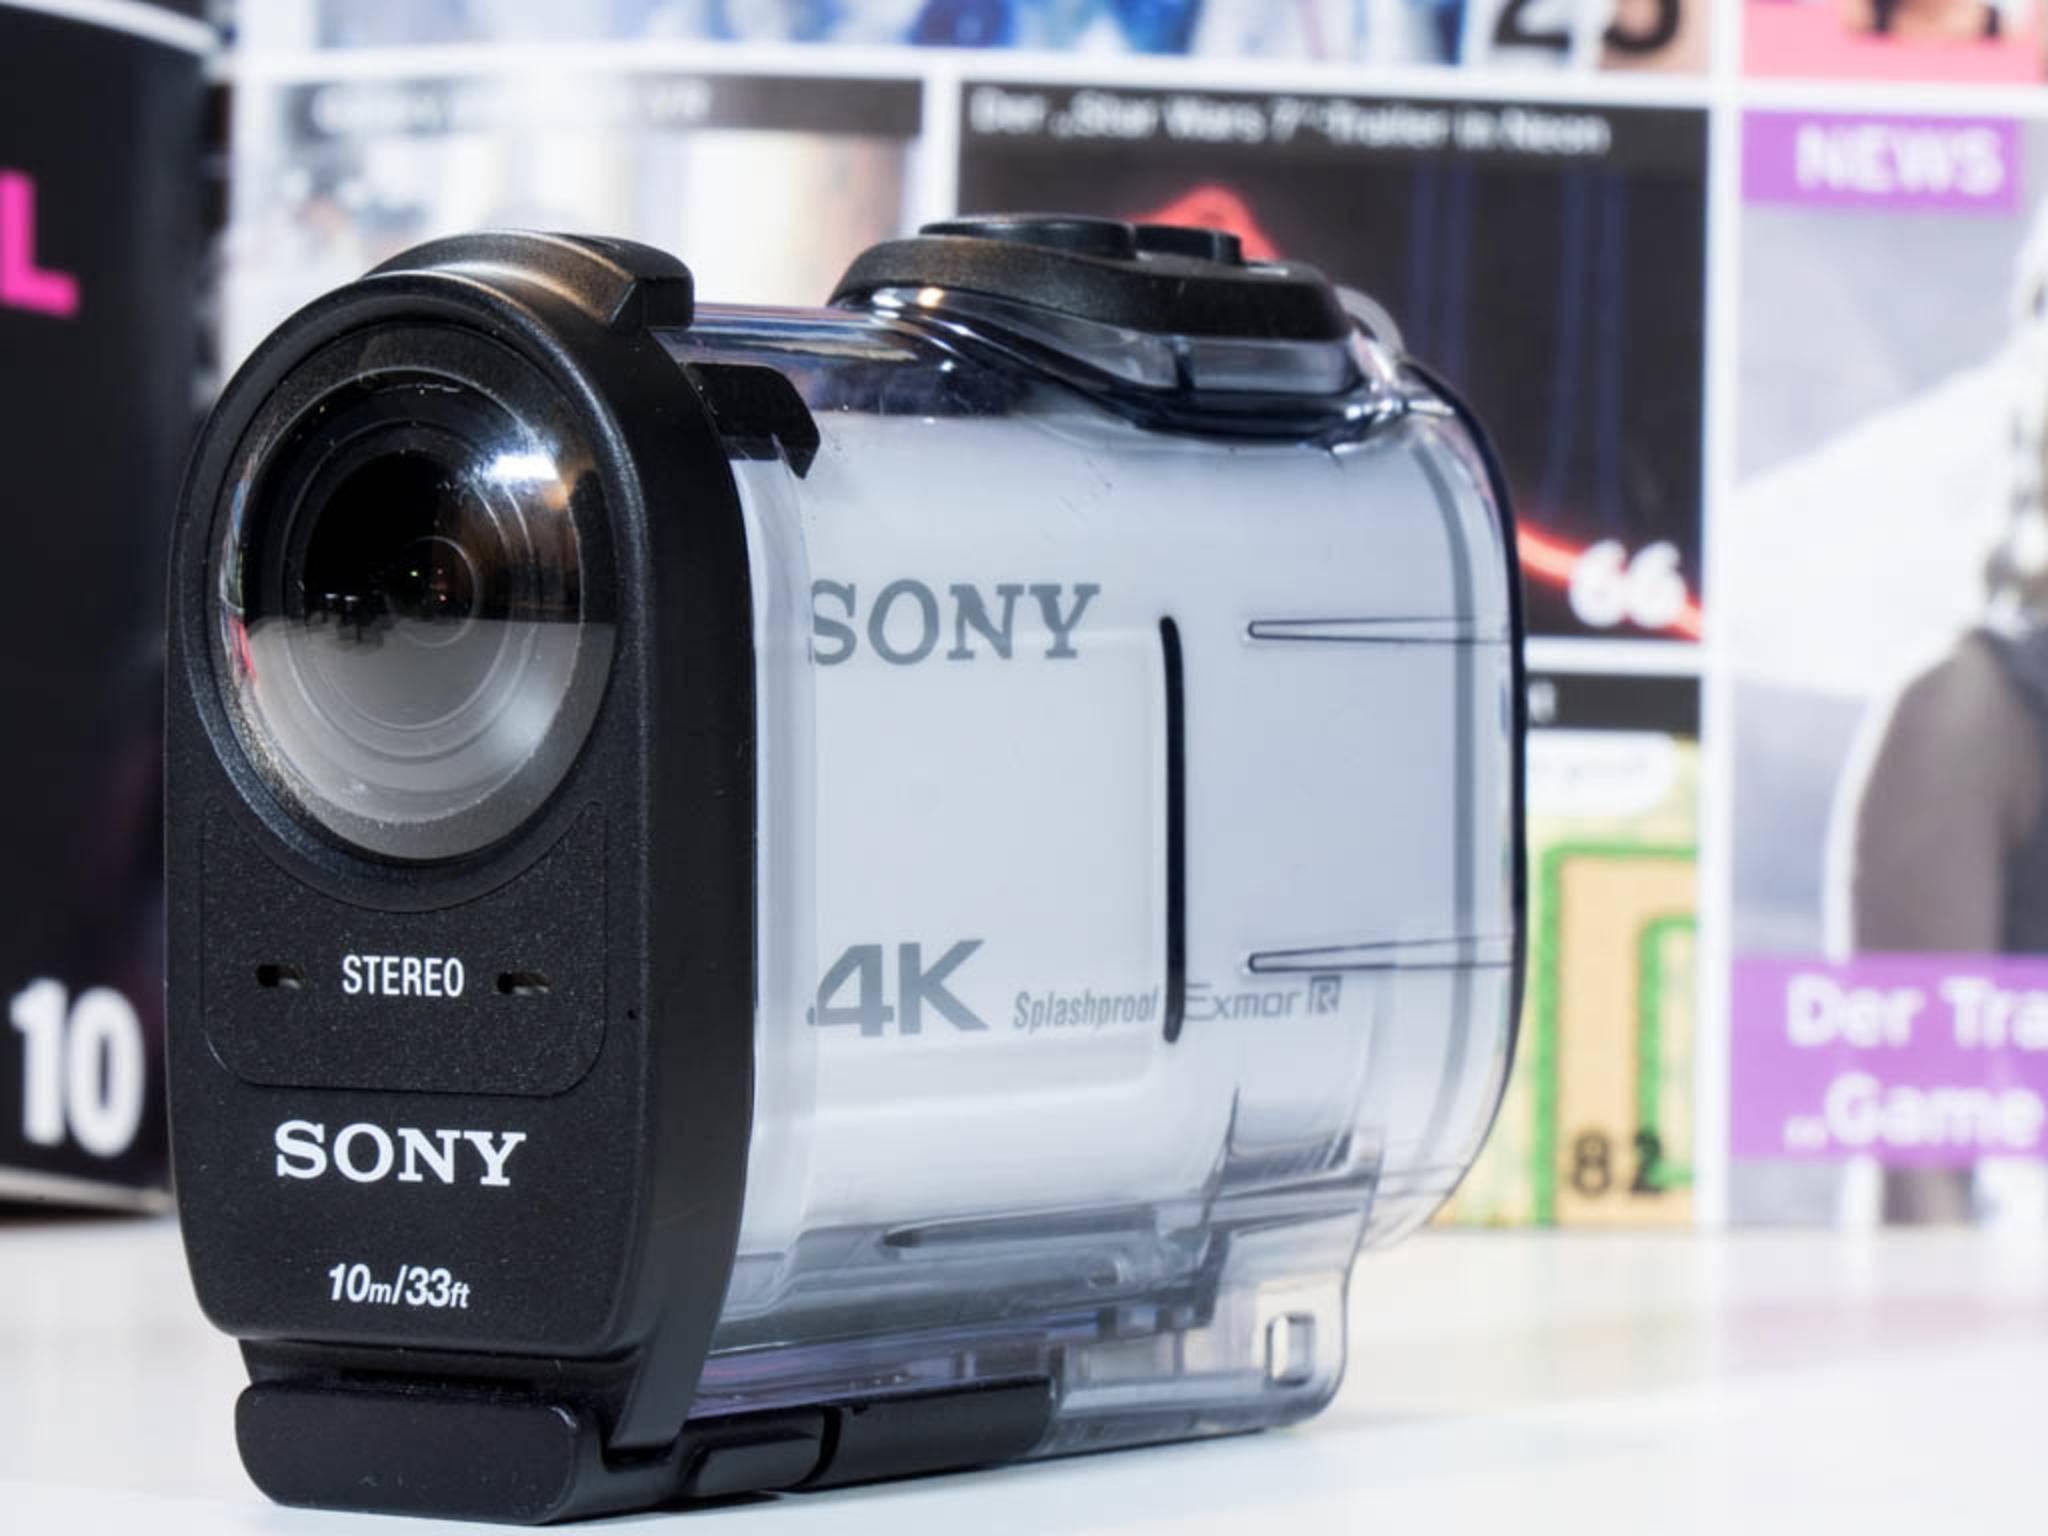 Nur sie bringt einen 4K-Videomodus mit.